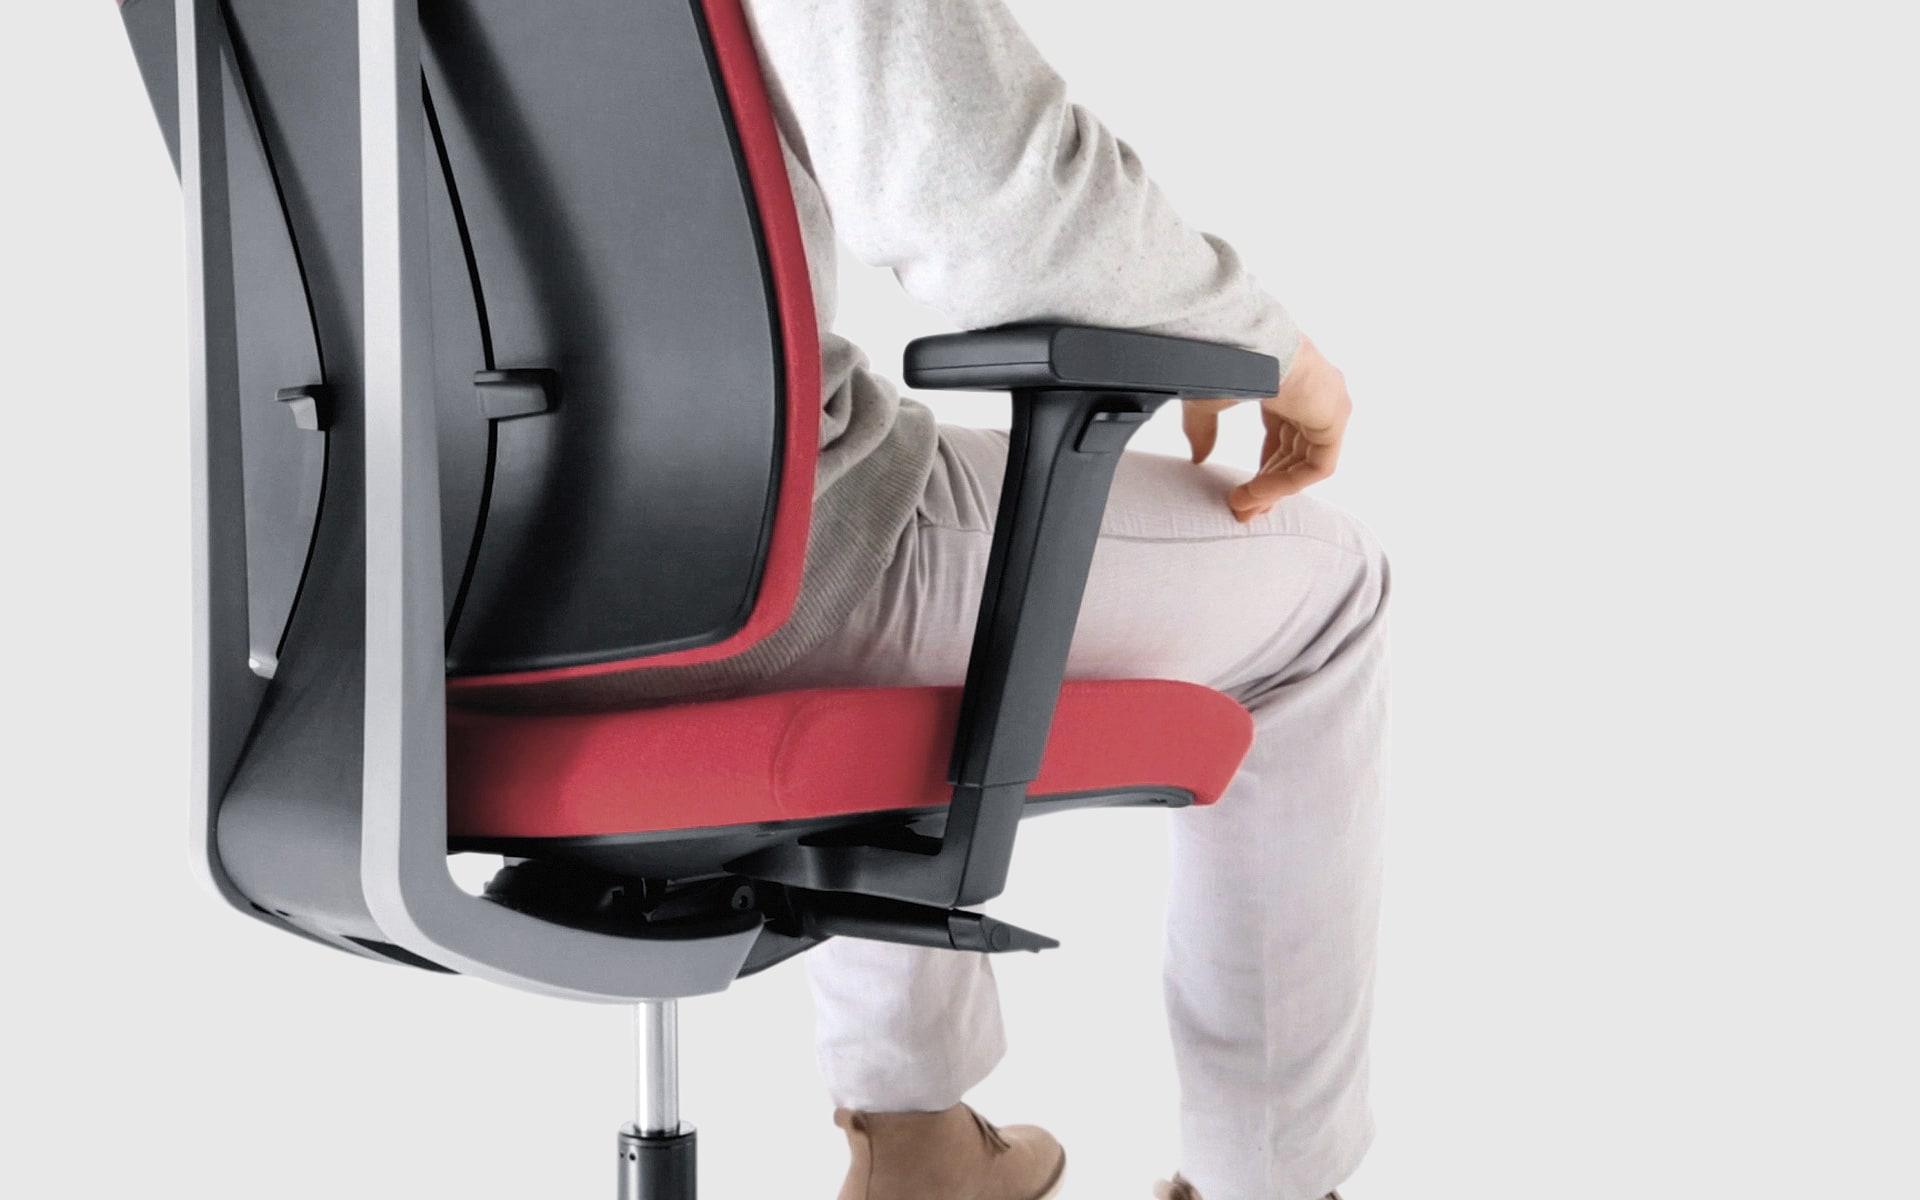 Person sitzt auf Profim Xenon Bürostuhl von ITO Design mit rotem Polster